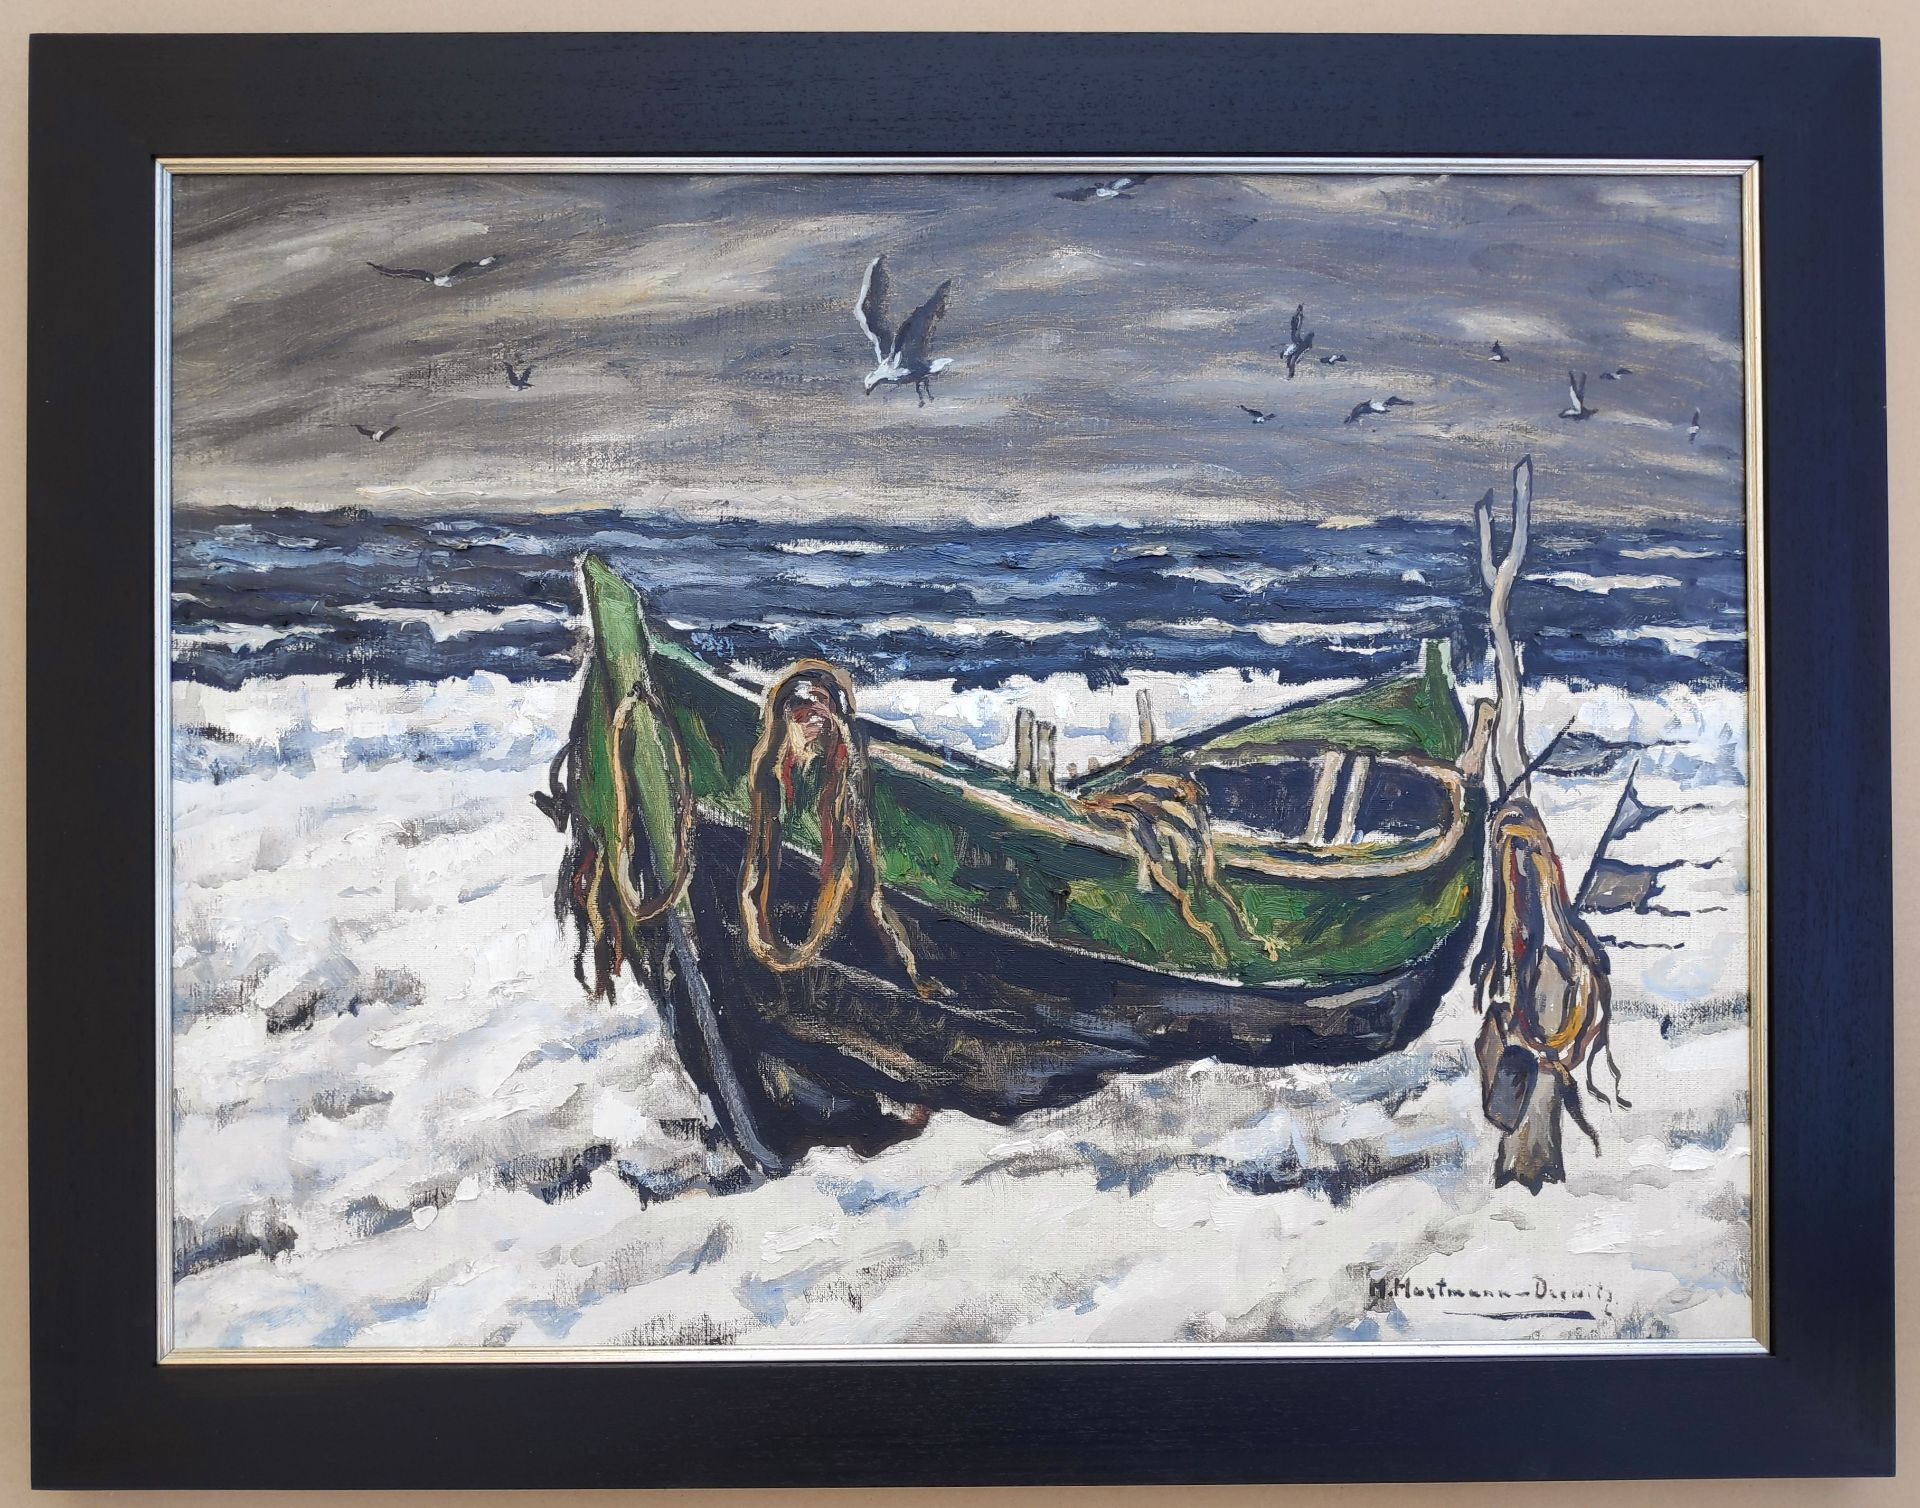 """Hartmann-Drewitz, Hermann (1879 Berlin - 1966 Eutin) """"Fischerboot im Schnee"""" - Bild 2 aus 3"""